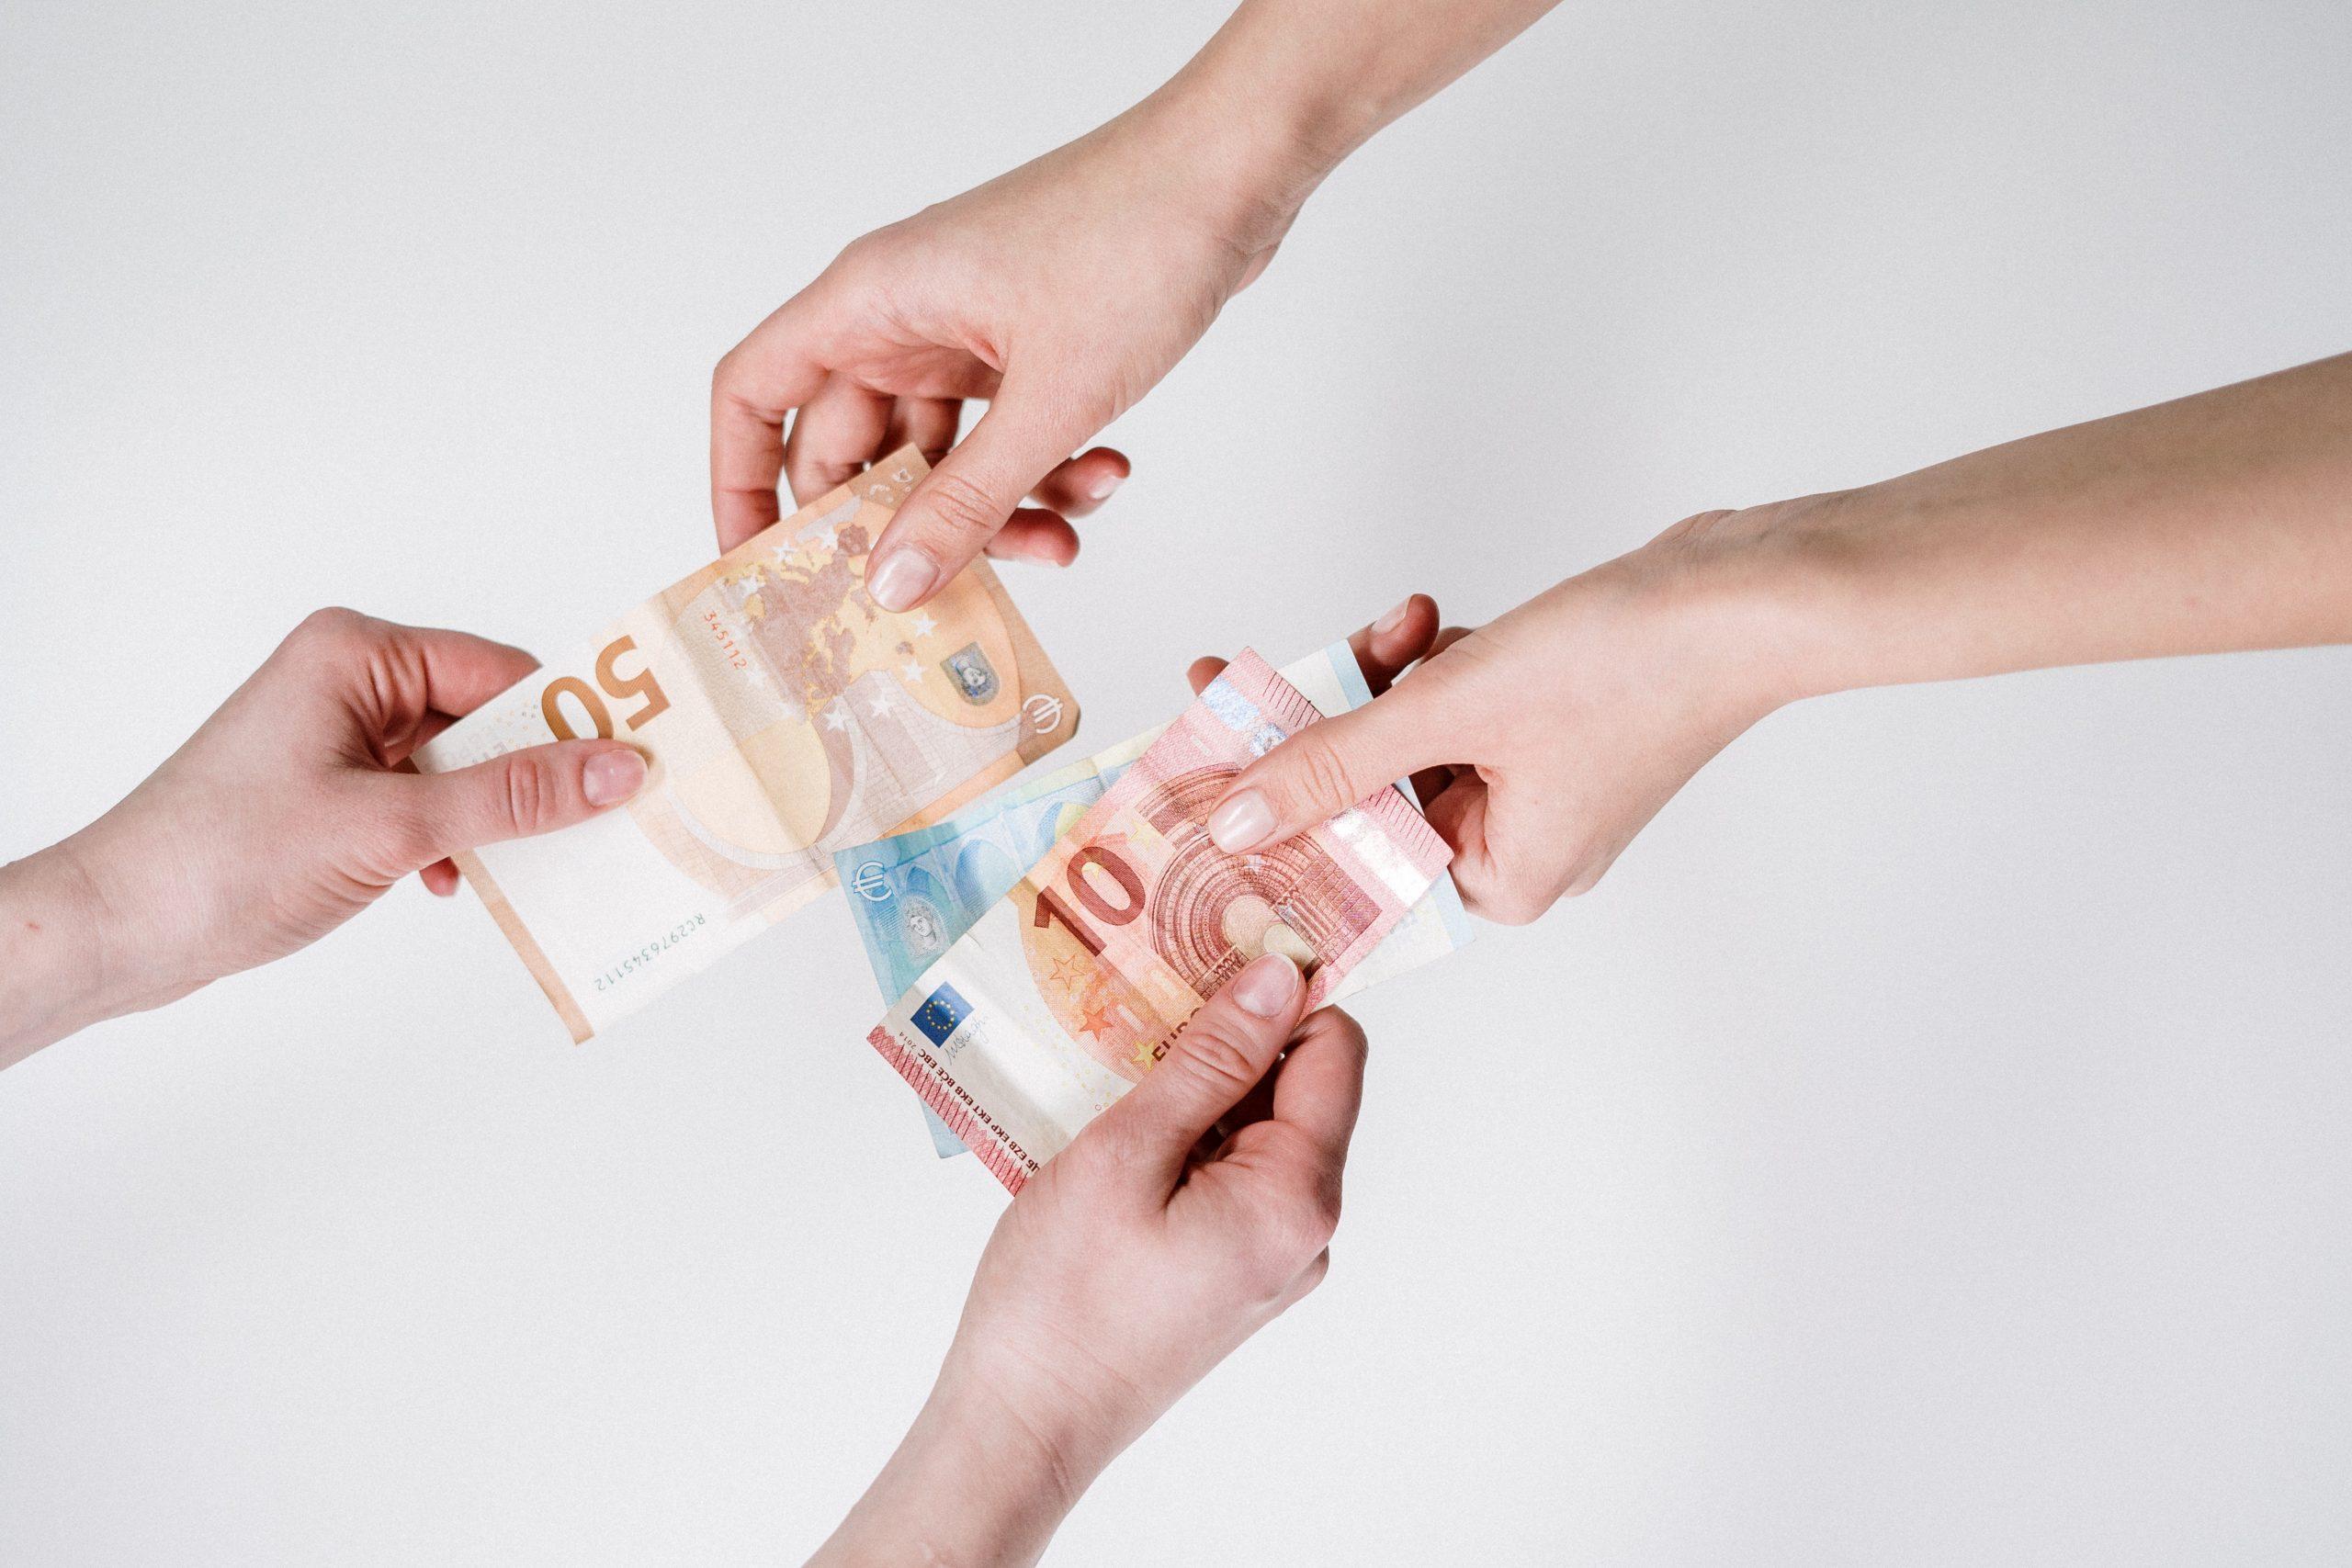 boekhoudpakket zonder zakelijke rekening